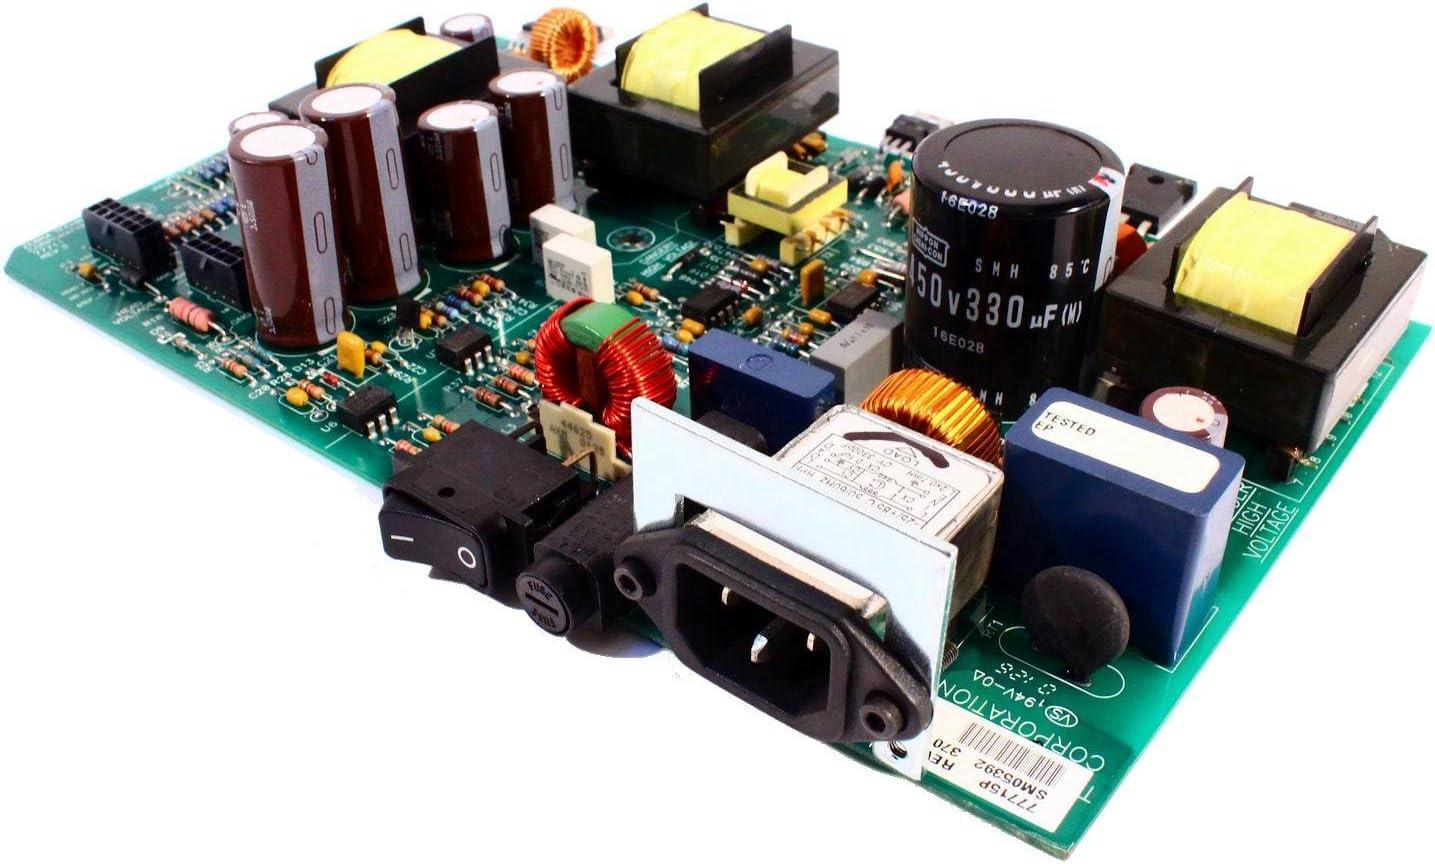 Z4M Z6M Power Supply Board Thermal Label Printer 77715P Zebra Z4M Z6M